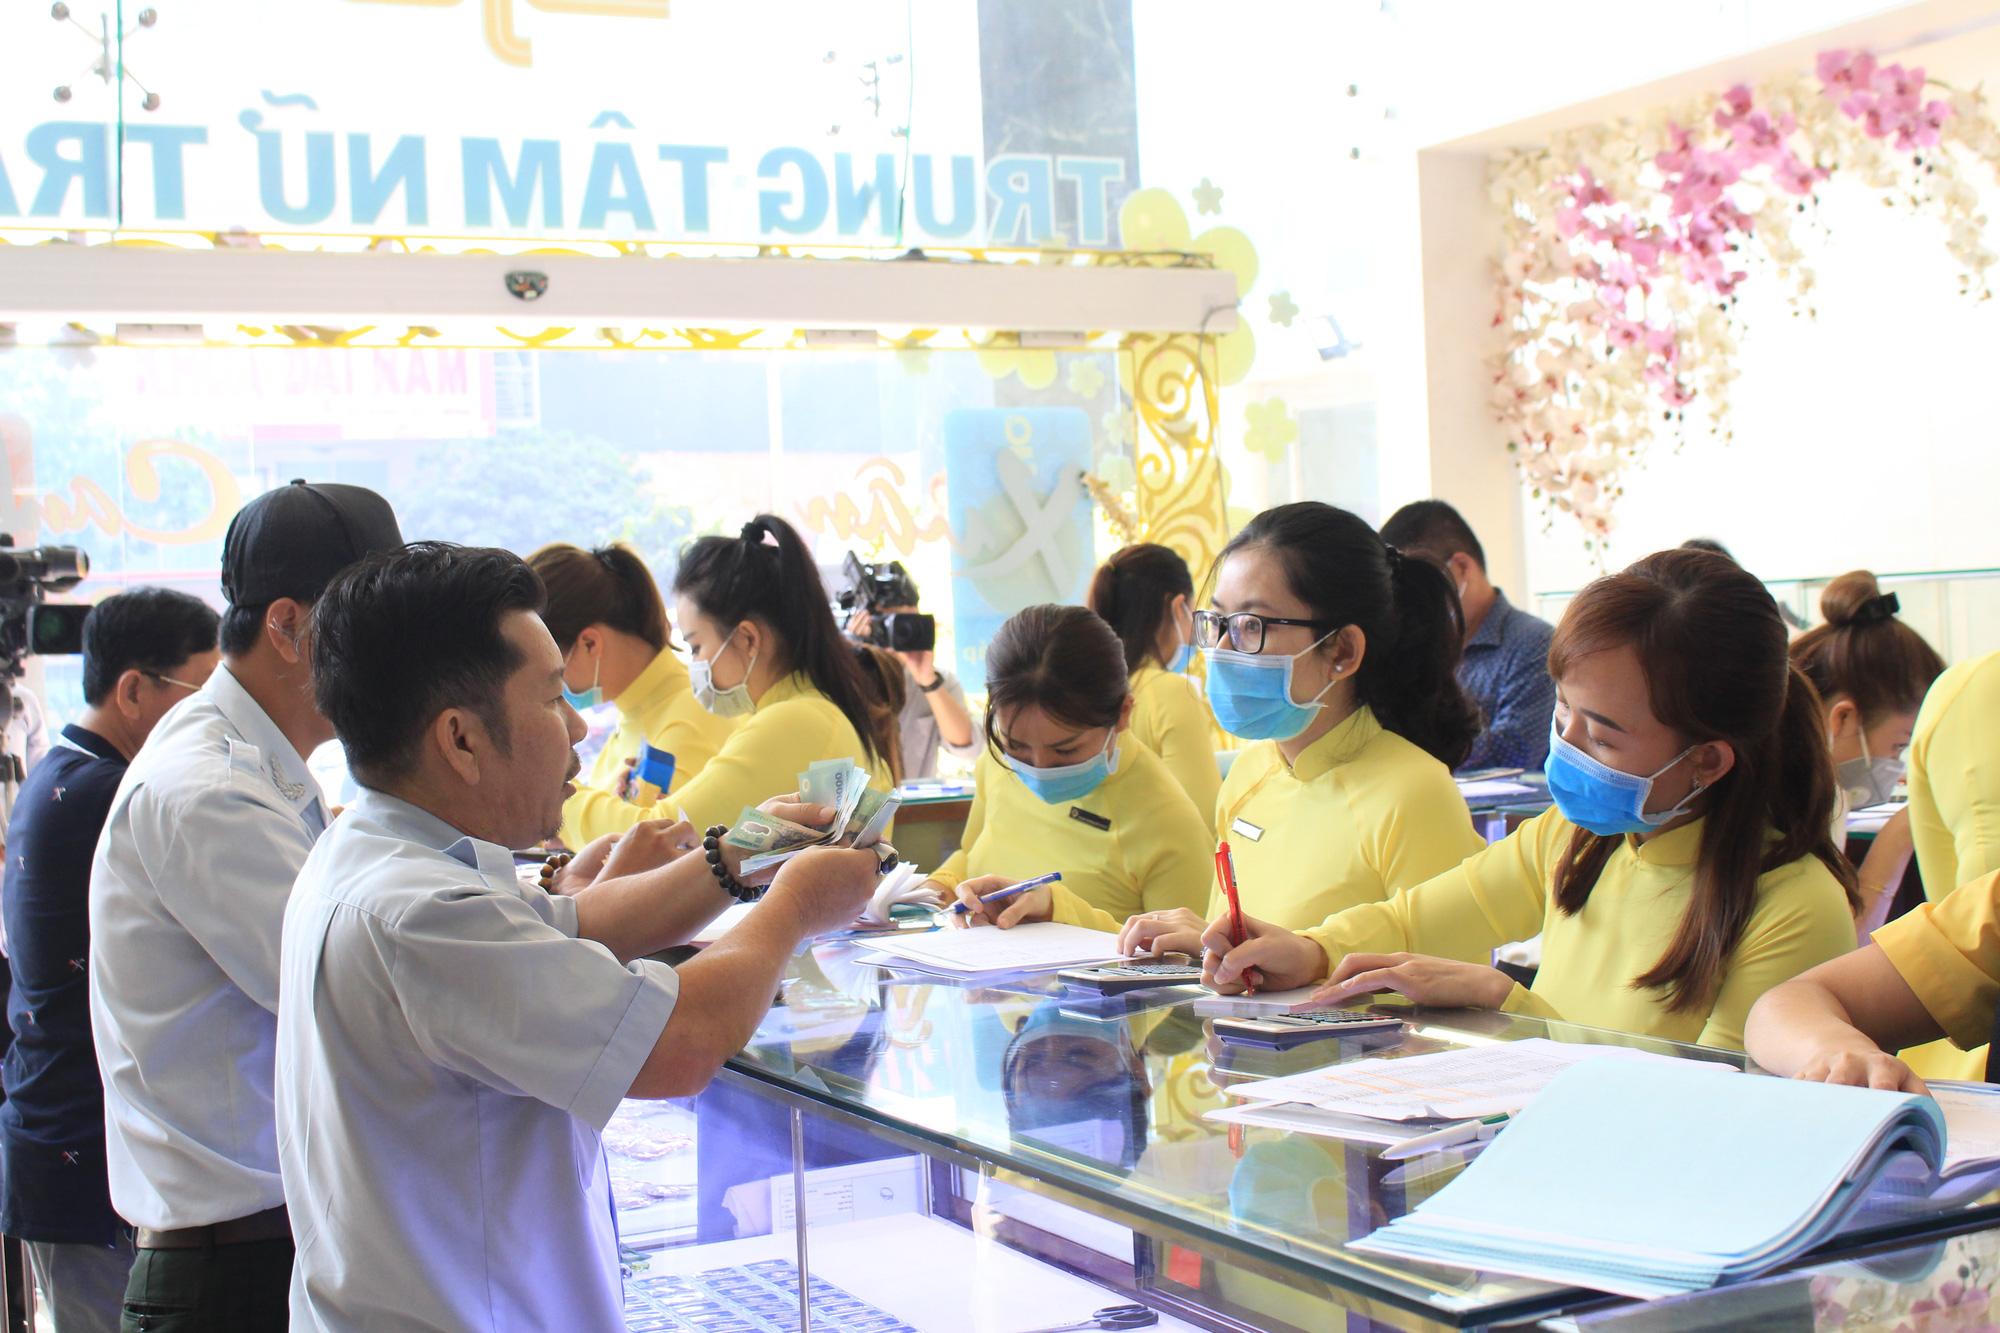 Loạn giá vàng ngày Vía Thần tài, có nơi đẩy chênh lệch mua bán lên đến 2-3 triệu đồng mỗi lượng - Ảnh 1.